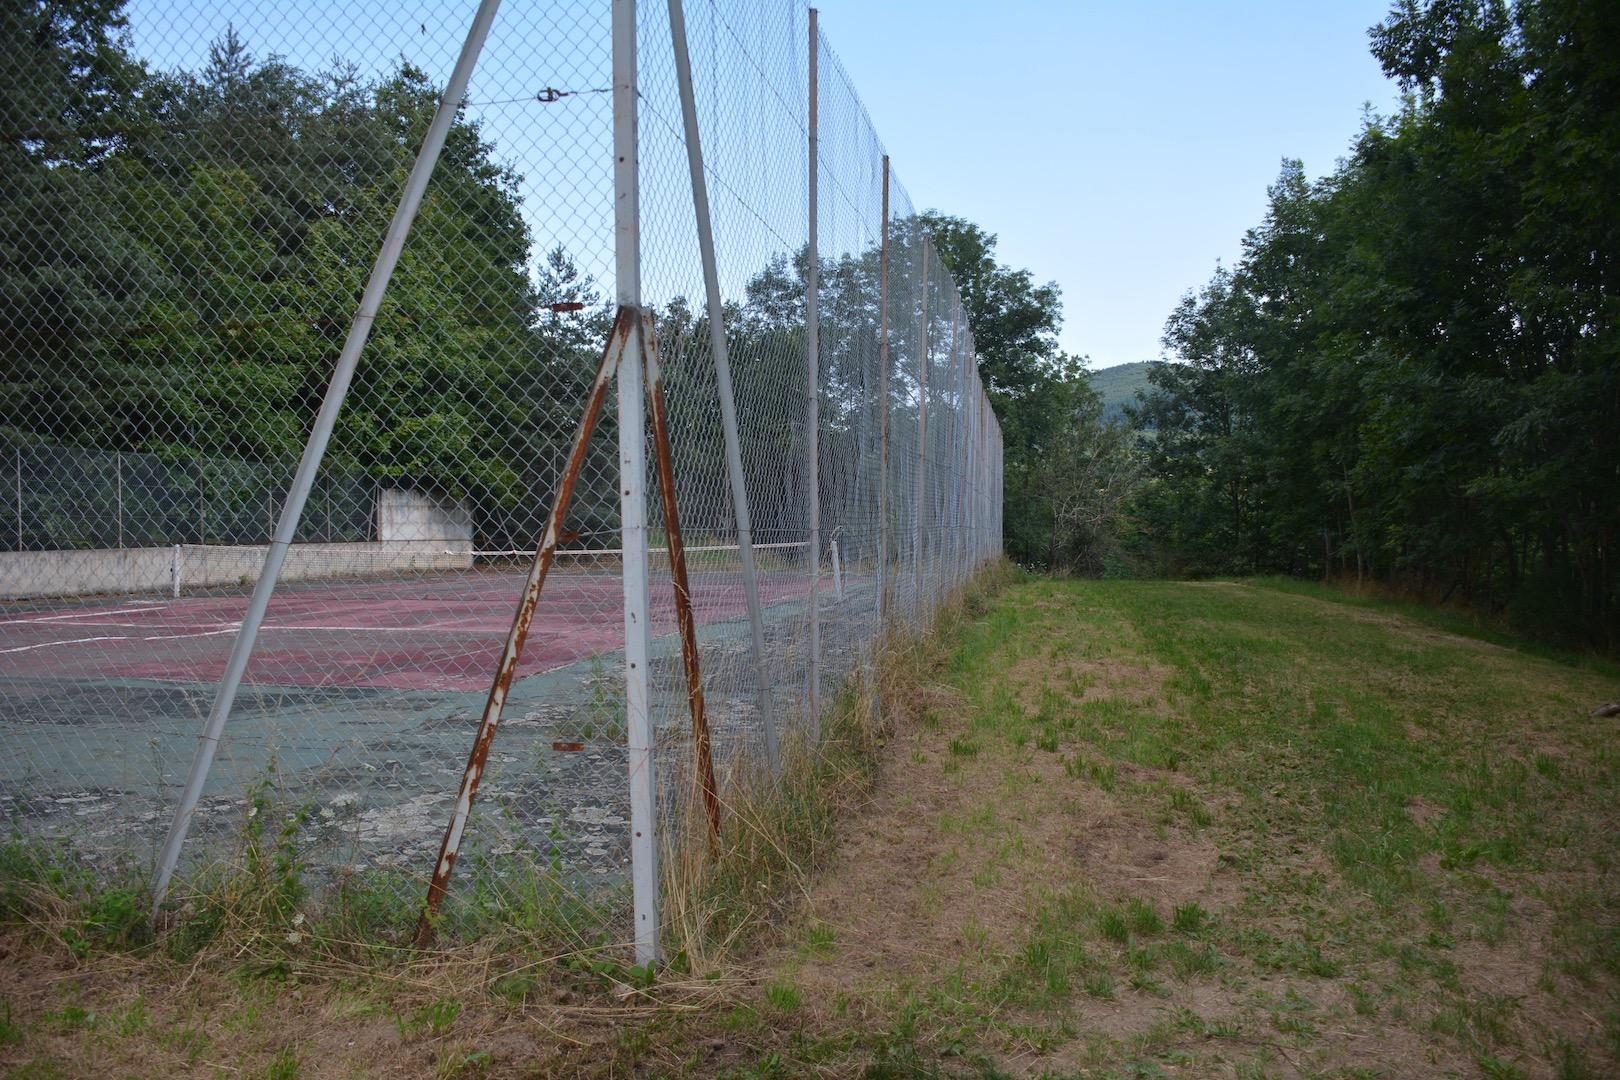 Les faux rebonds du tennis de Chamblard vous surprendront!